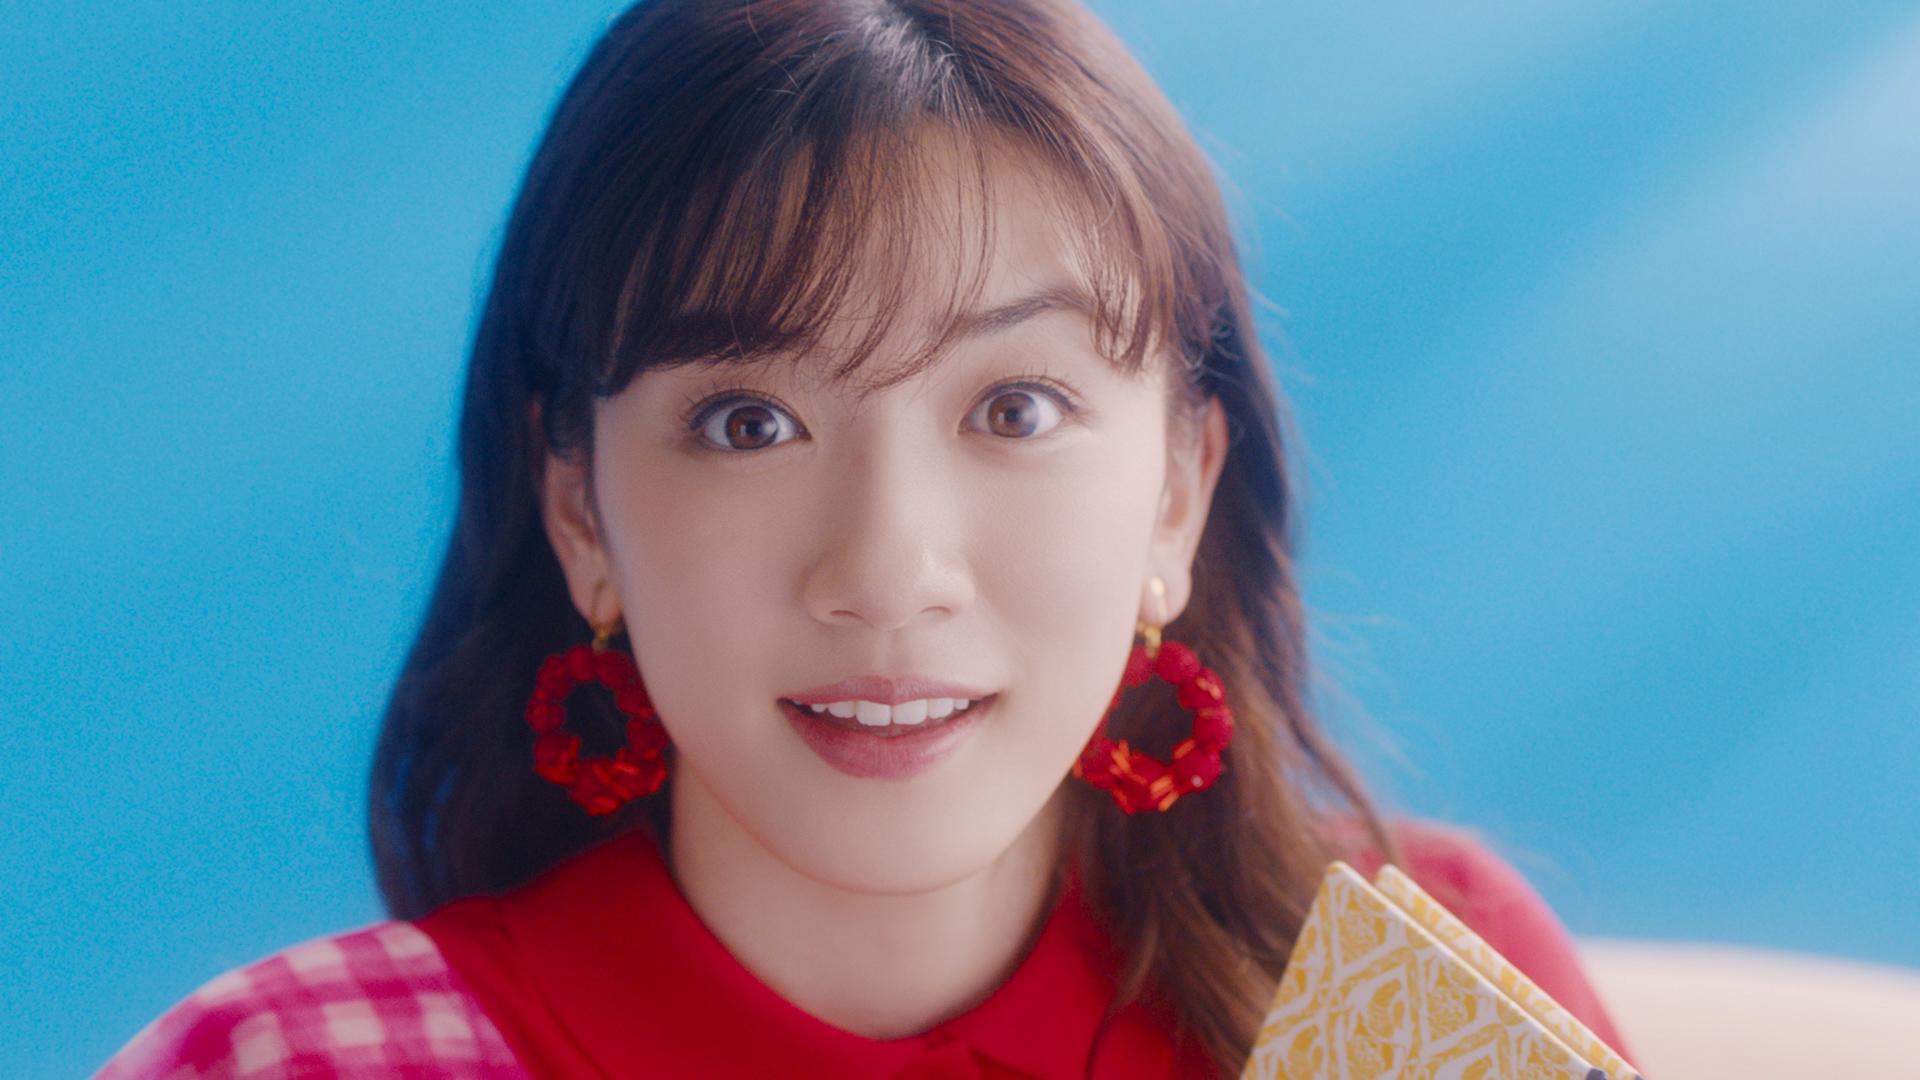 永野芽郁(ながの めい)/コンタクトのアイシティCM 女優、モデル